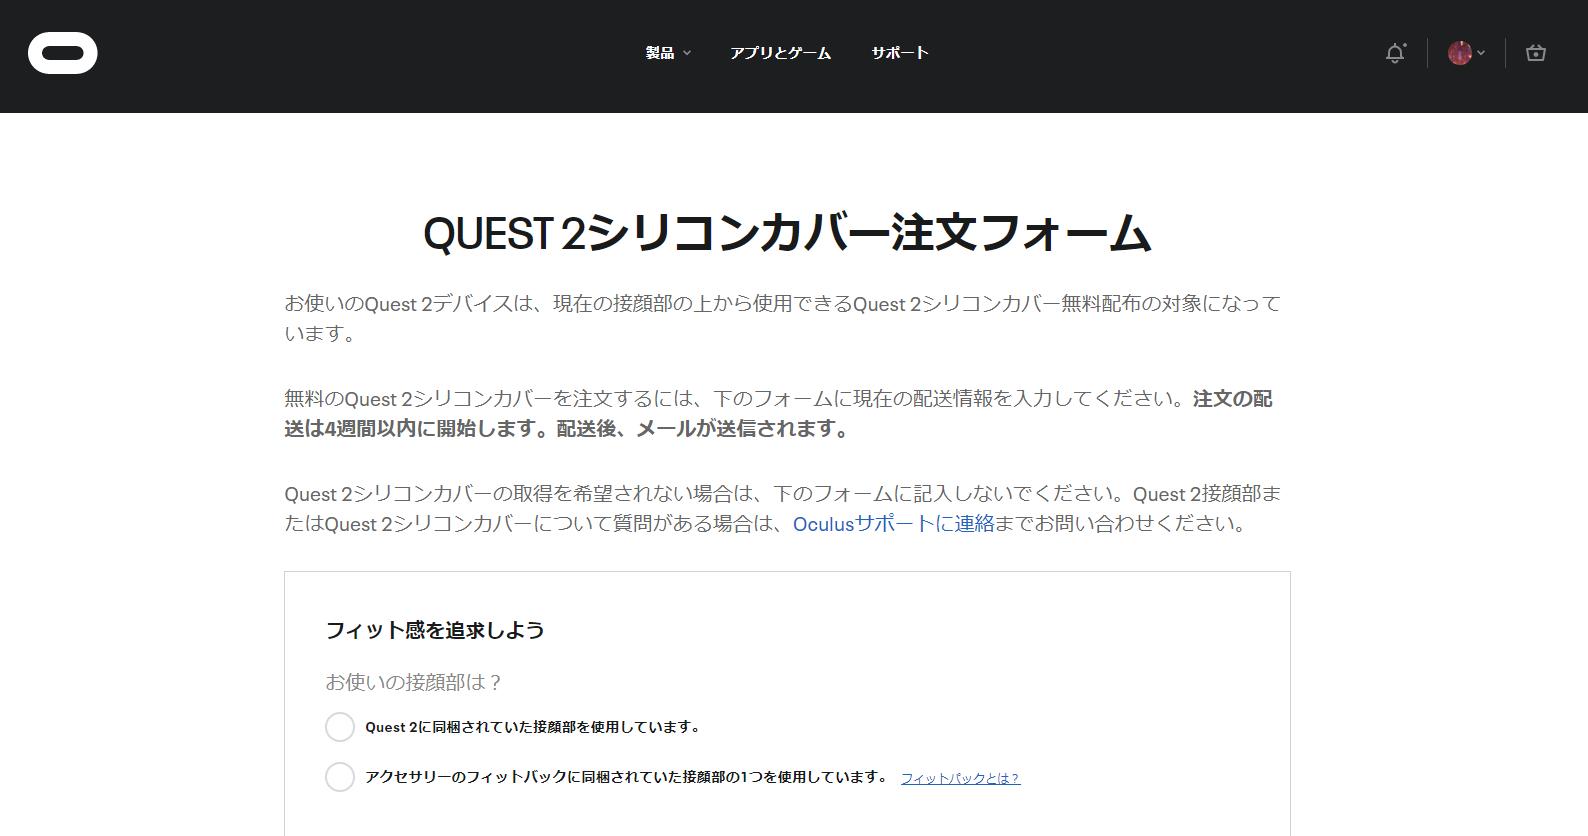 無料でもらえる【Oculus Quest2】のシリコンフェイスカバー《もらい方は簡単!》4